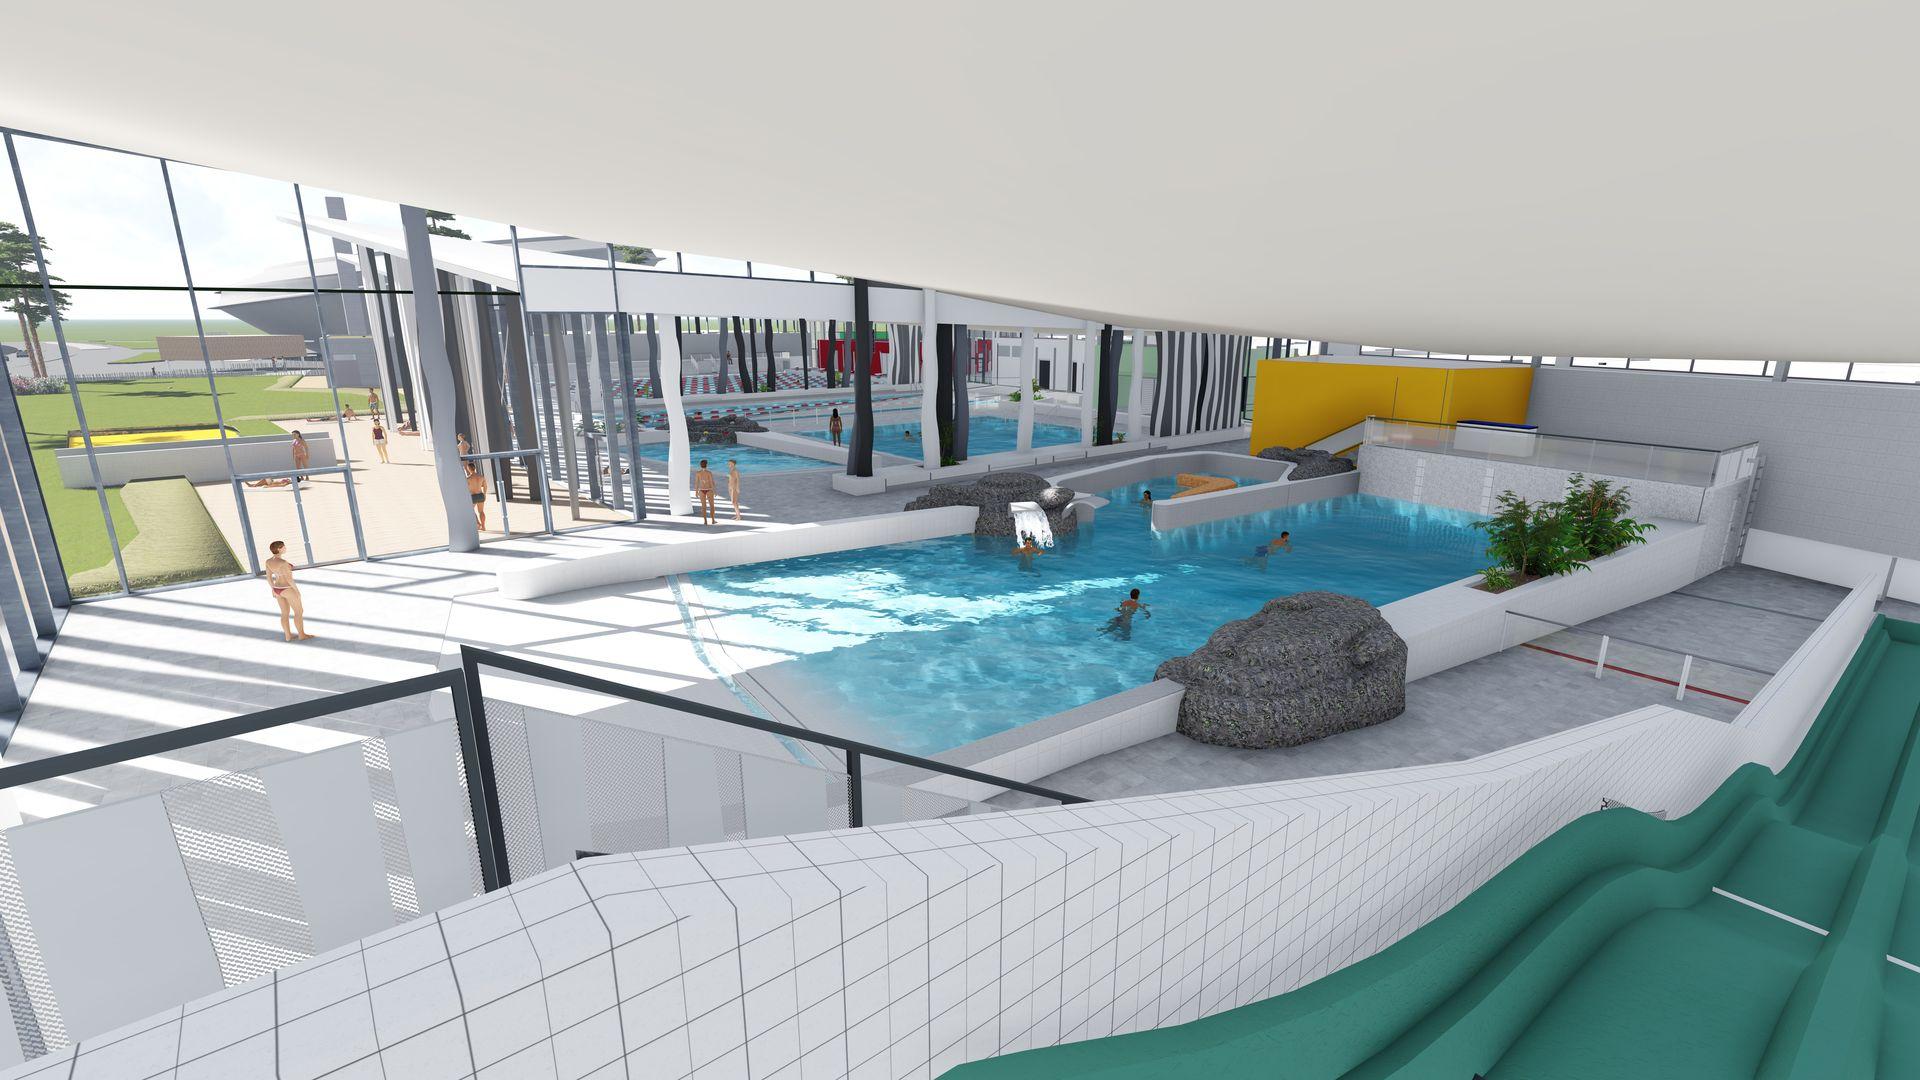 Aquaparc, centre aquatique de Saint-Nazaire (Crédits : Coste Architectes)